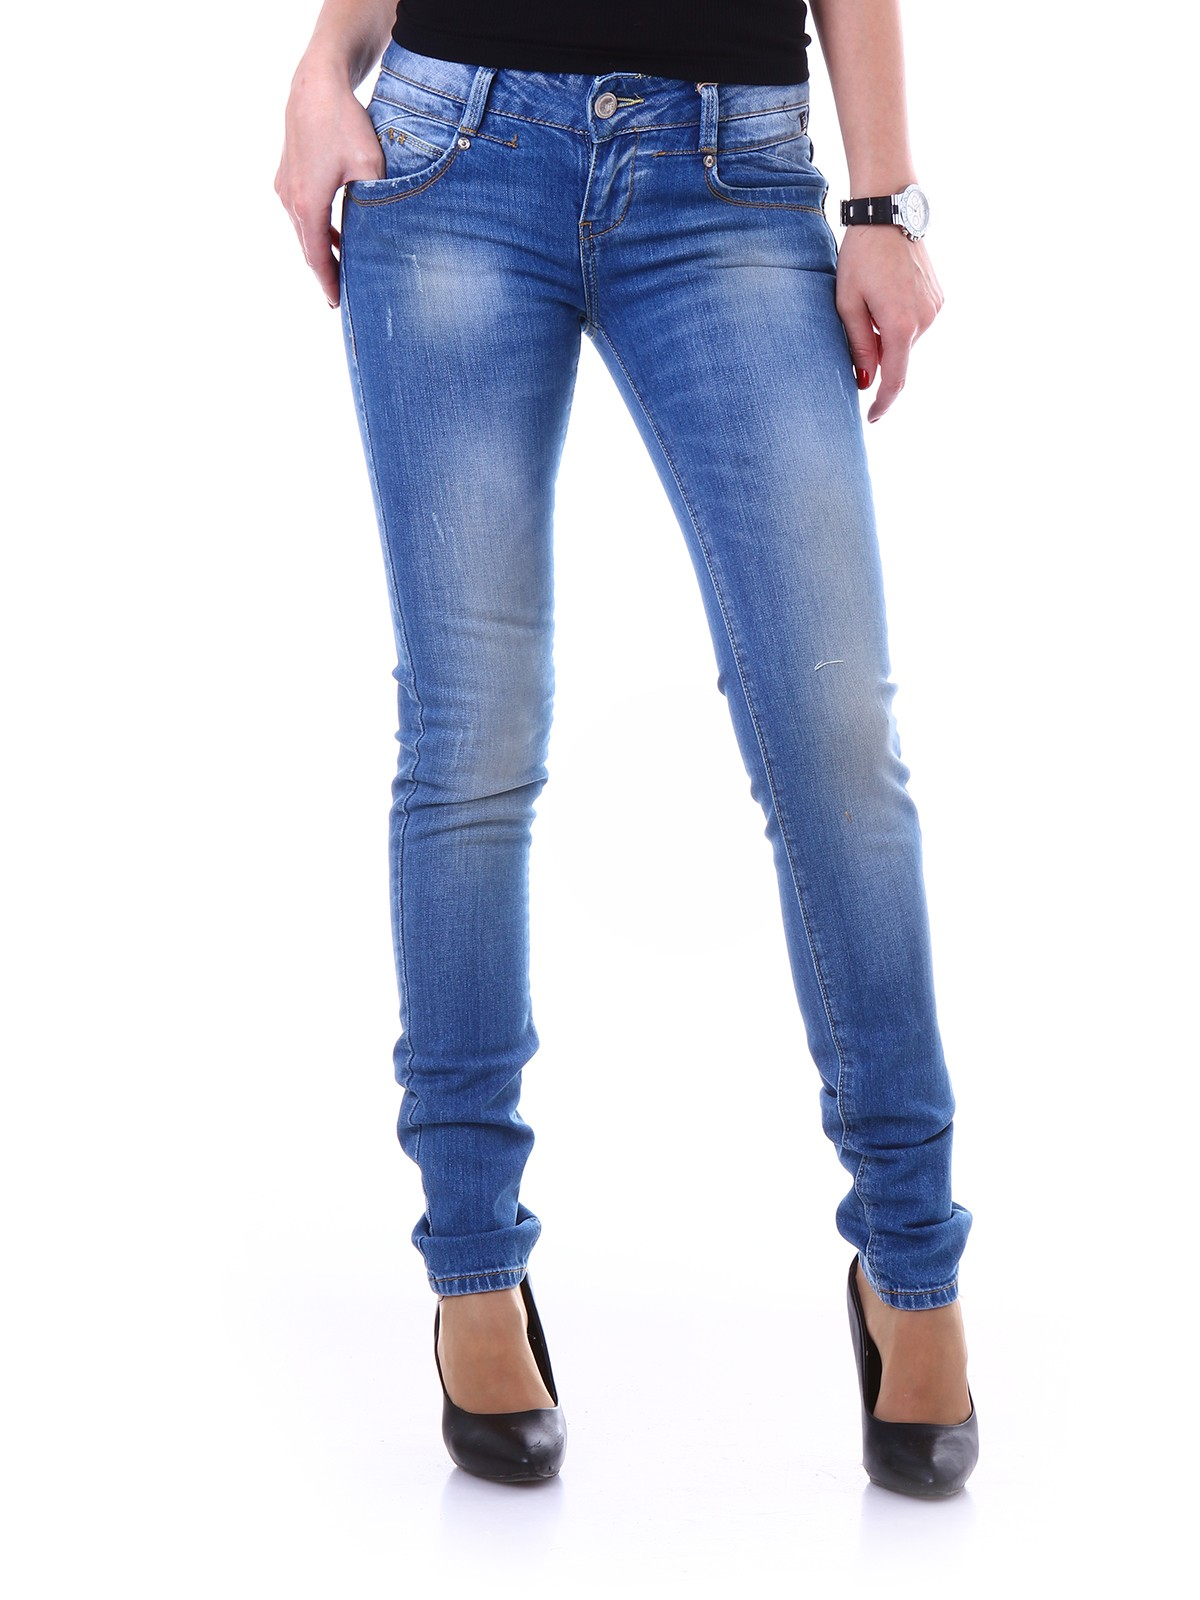 Jeans Ideen Moetrends Ideen